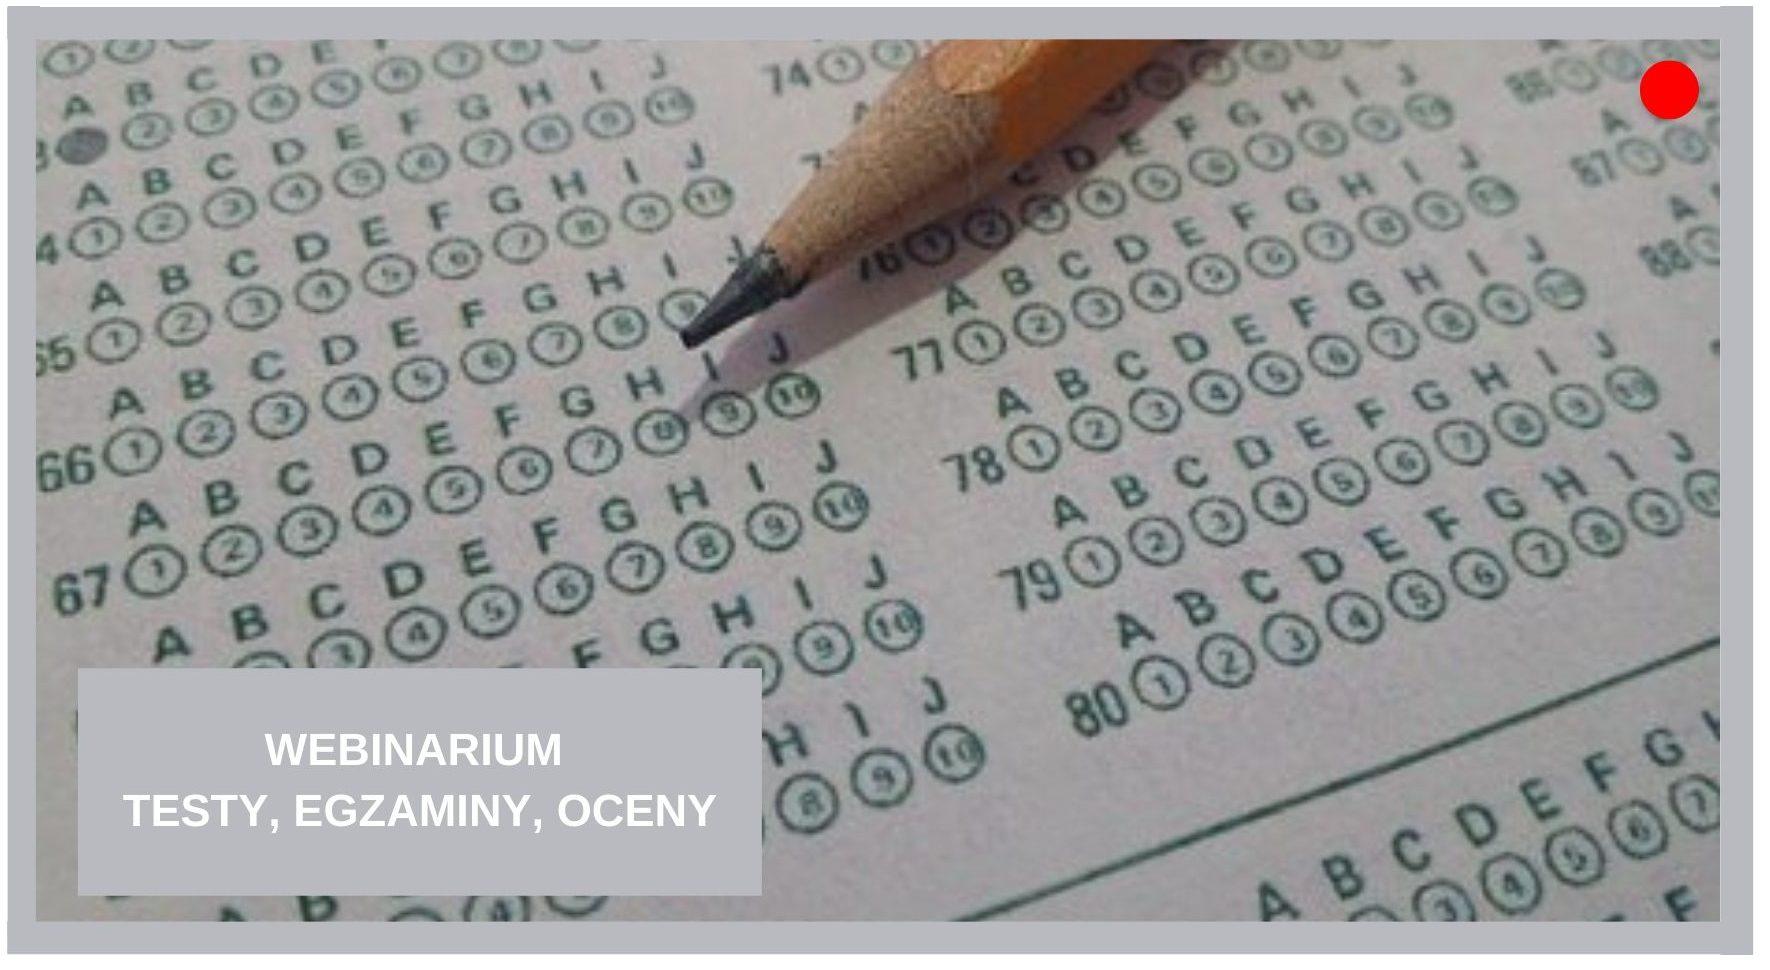 Blog Agnieszka Jasińska - Webinarium testy, egzaminy, oceny